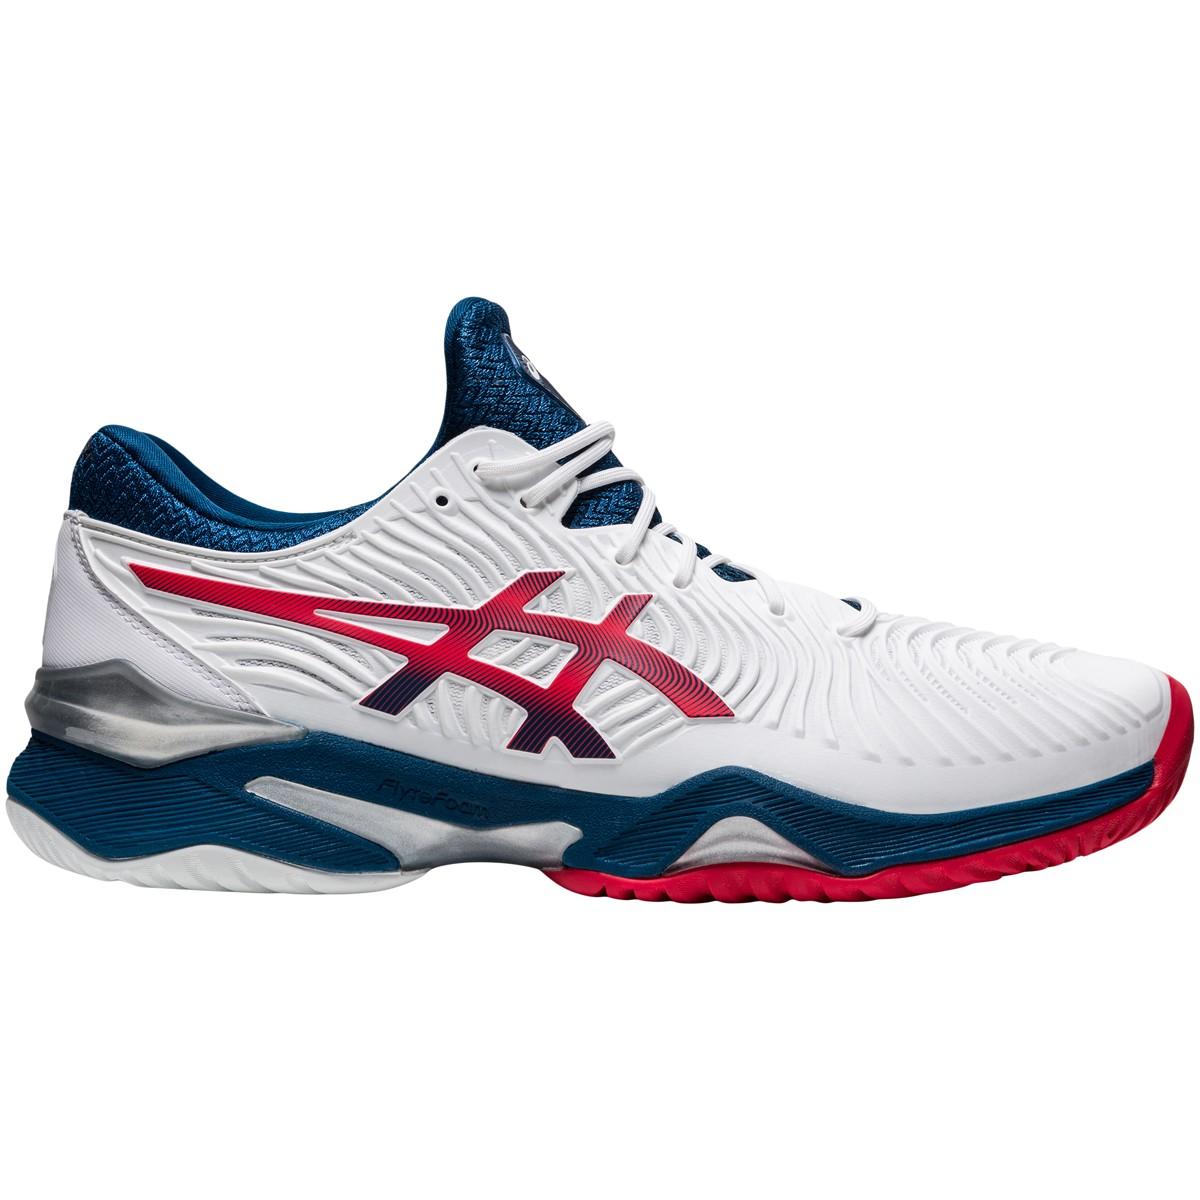 ASICS COURT FF ALL COURT SHOES - ASICS - Men's - Shoes | Tennispro